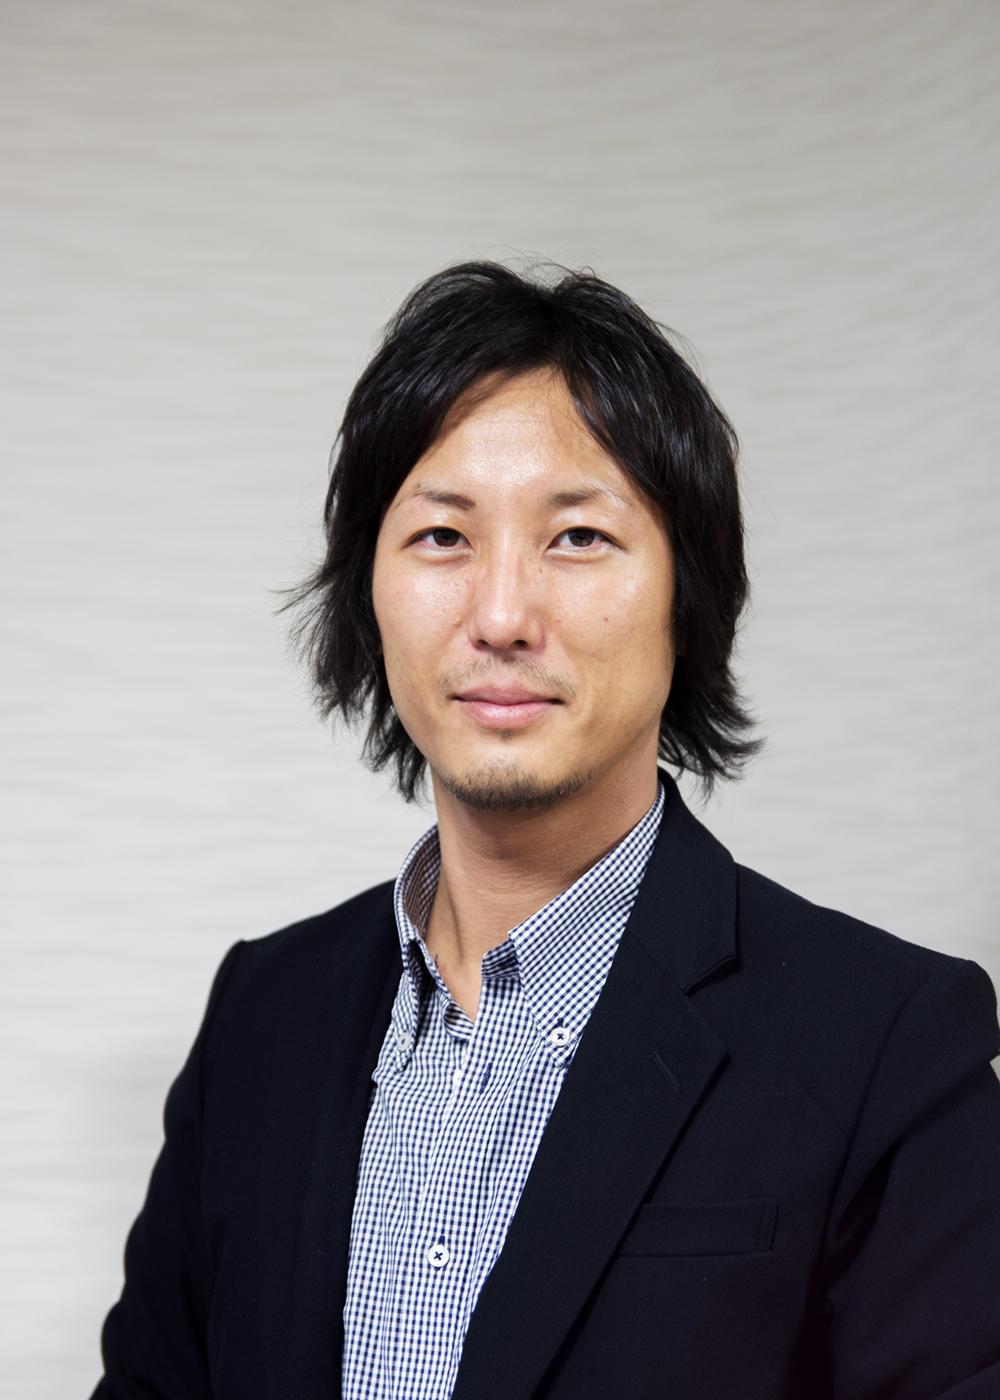 Masashi Ichikawa